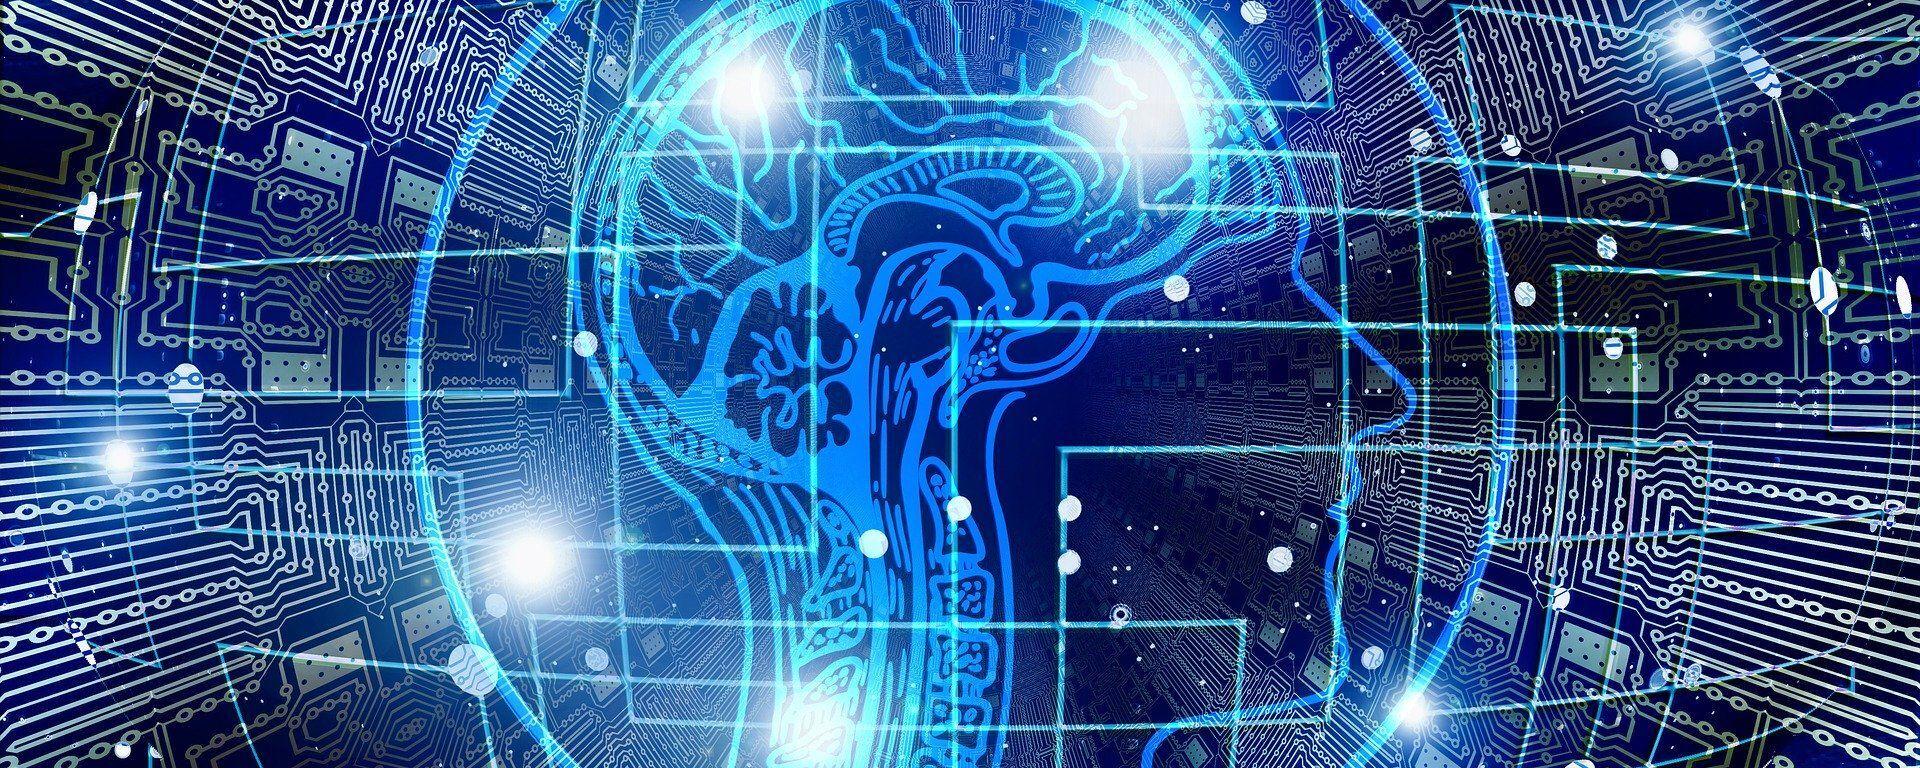 cerebro humano (imagen referencial) - Sputnik Mundo, 1920, 20.01.2021